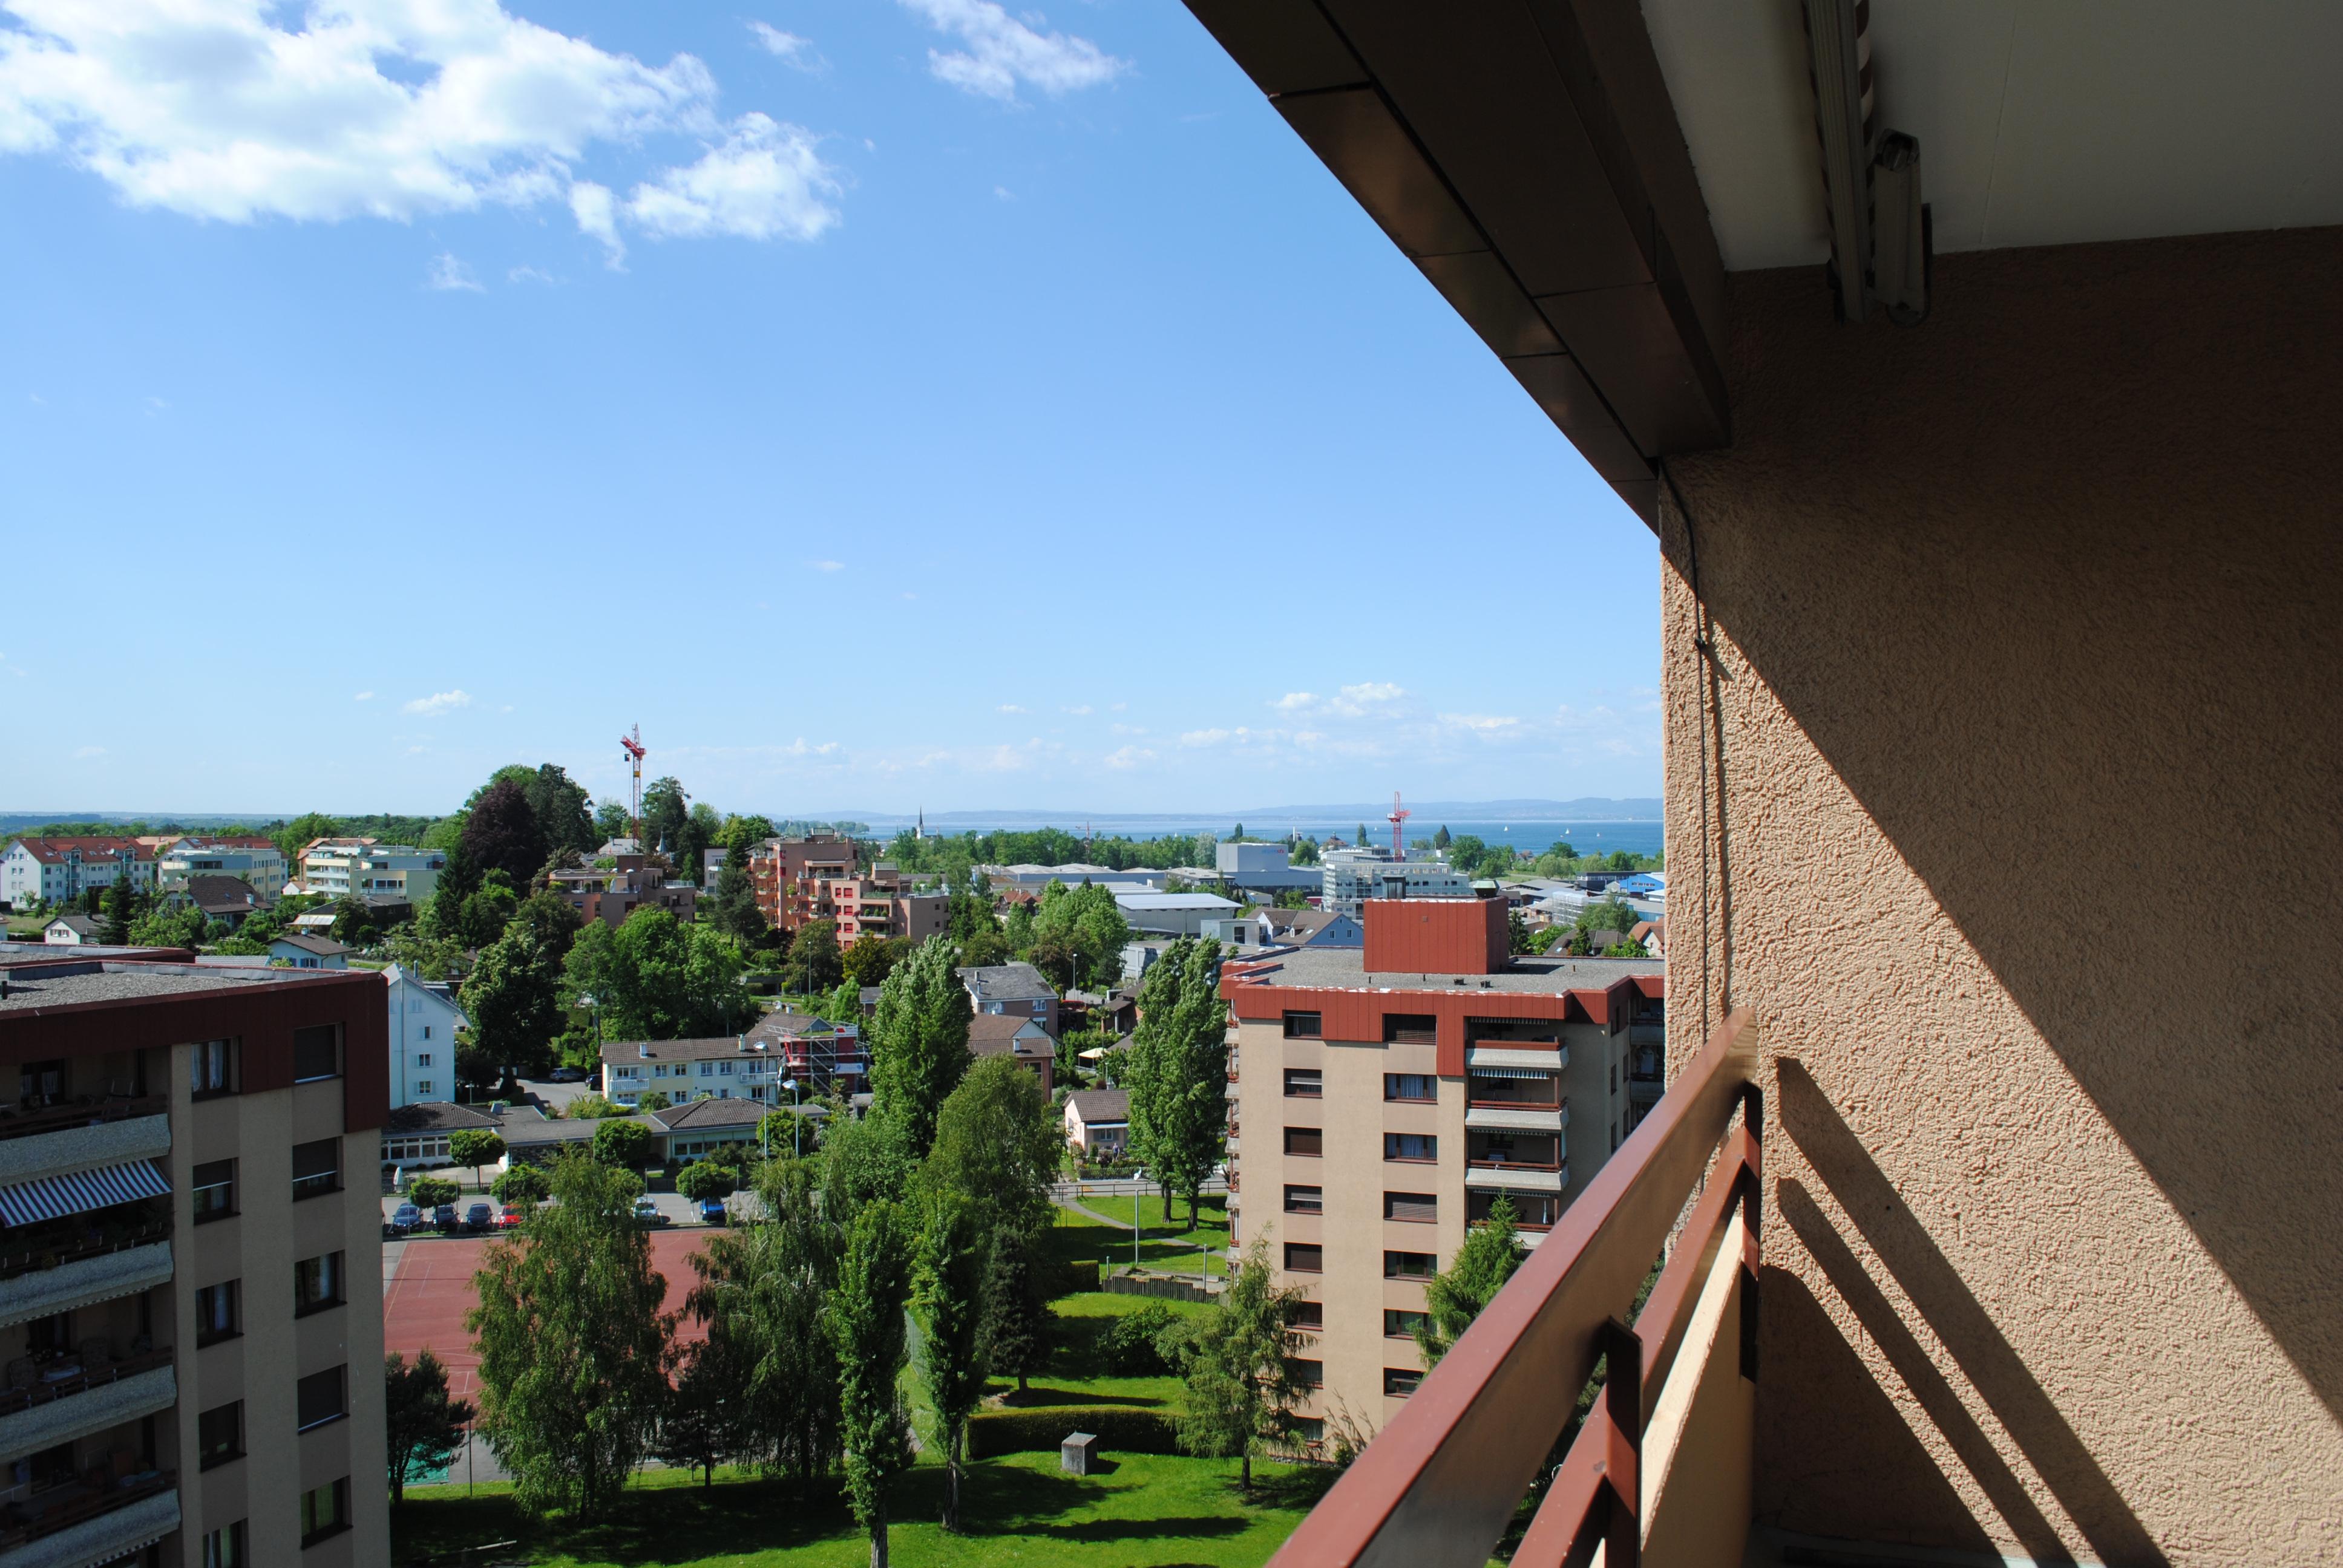 5,5 Zimmer Wohnung – Stelzenrebenstrasse 5, 9403 Goldach SG